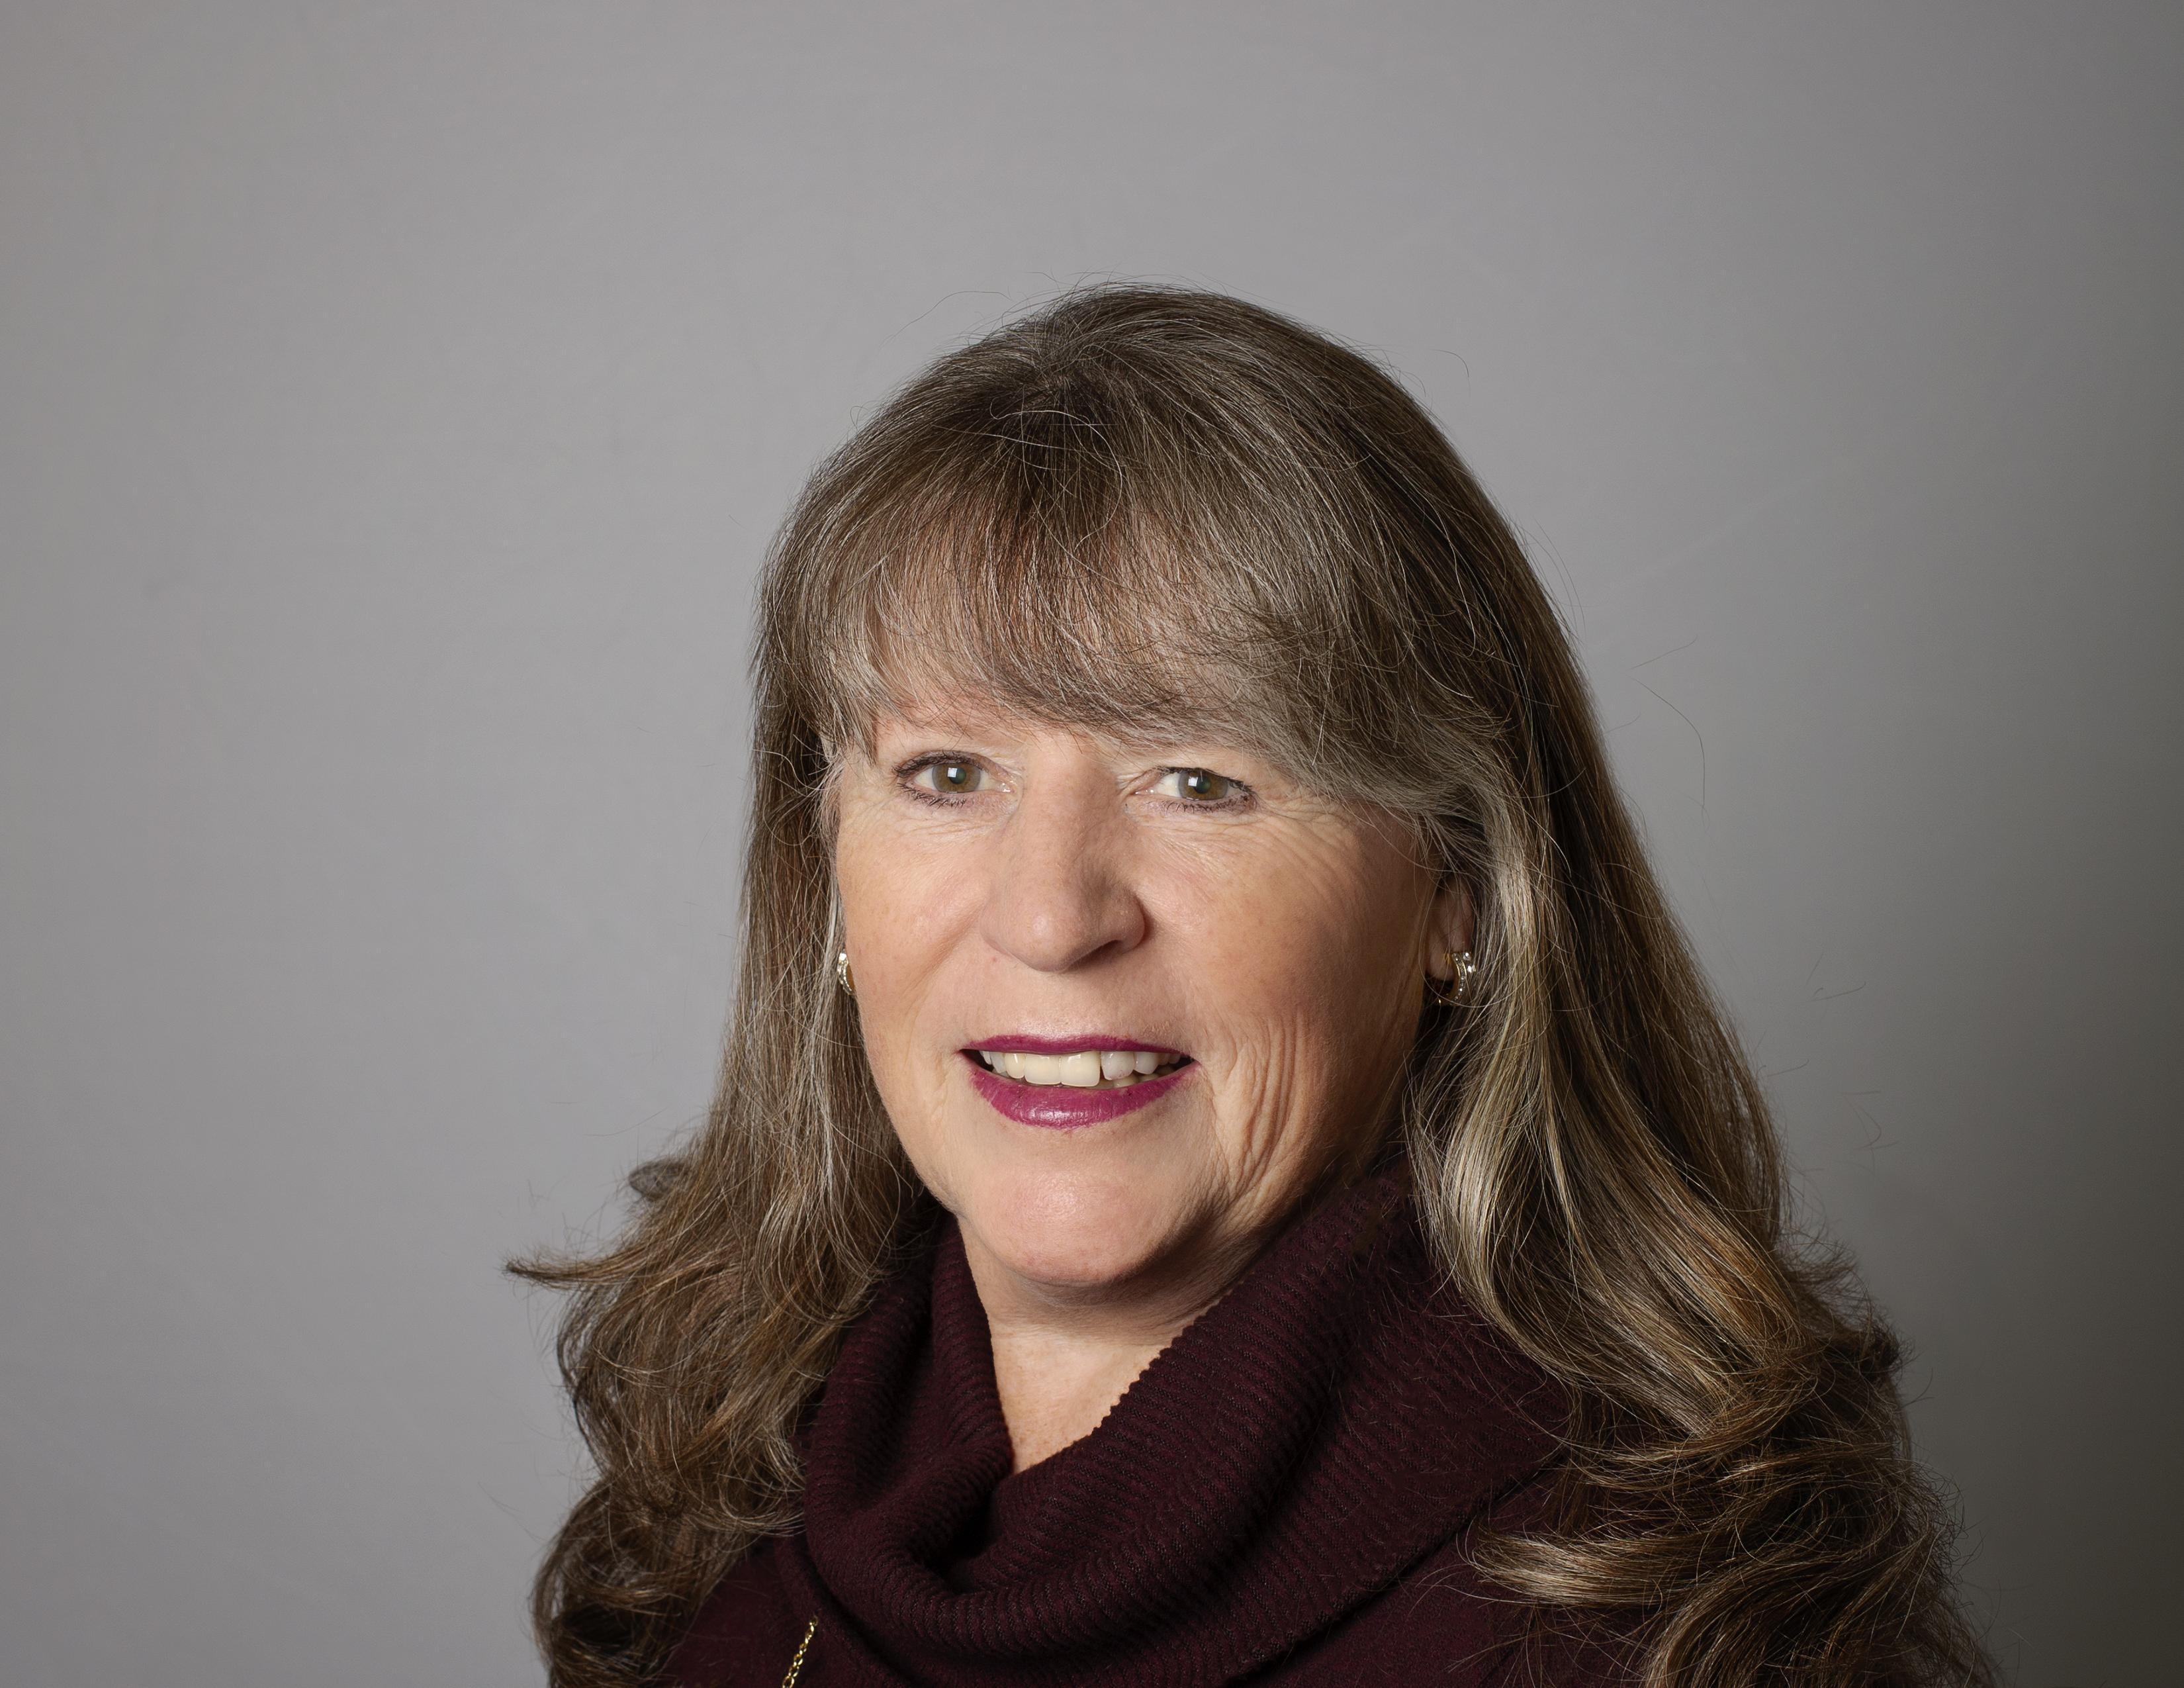 Bonnie M. Olmschenk